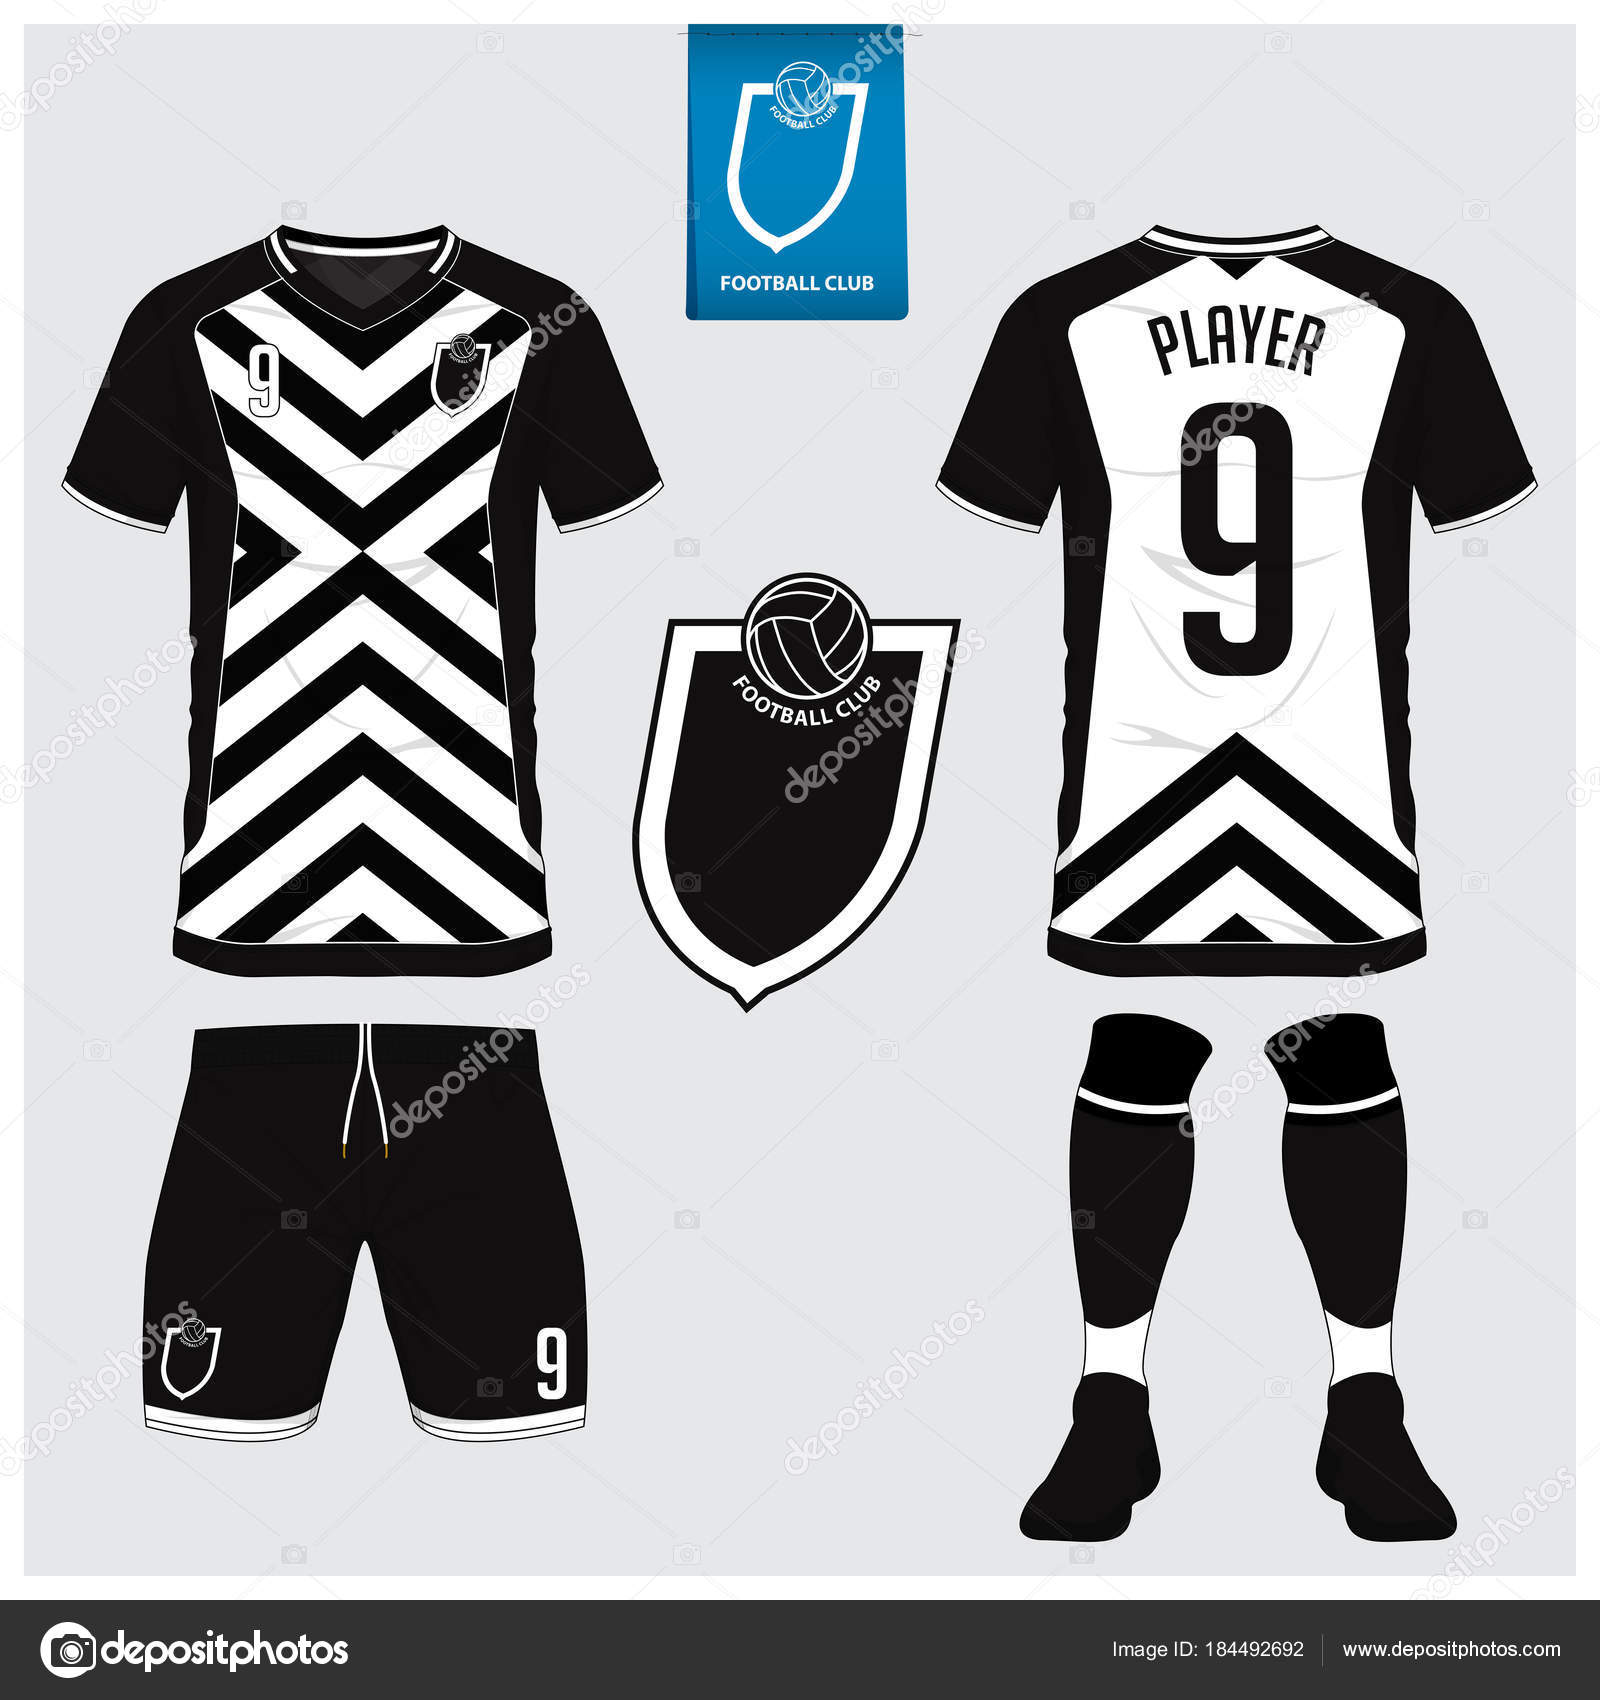 Blanco y negro fútbol camiseta falsa para arriba. Frente y parte posterior  vista uniforme del fútbol. 68ad176bccf8d